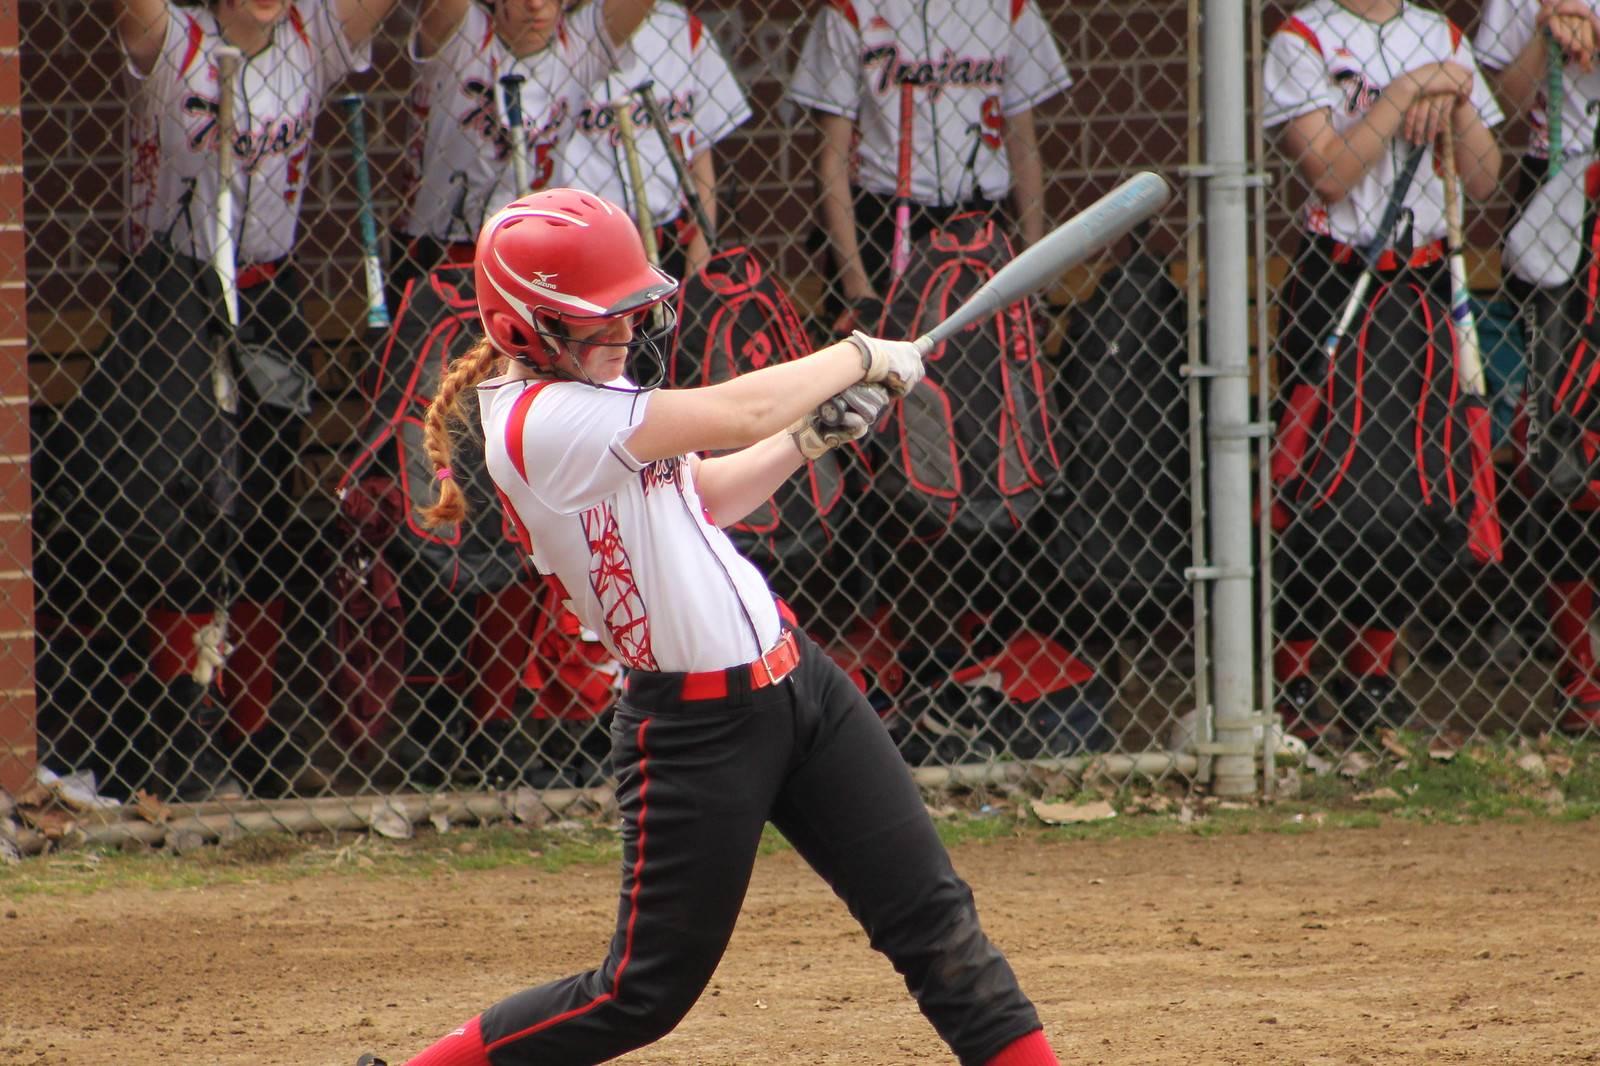 Susan hitting